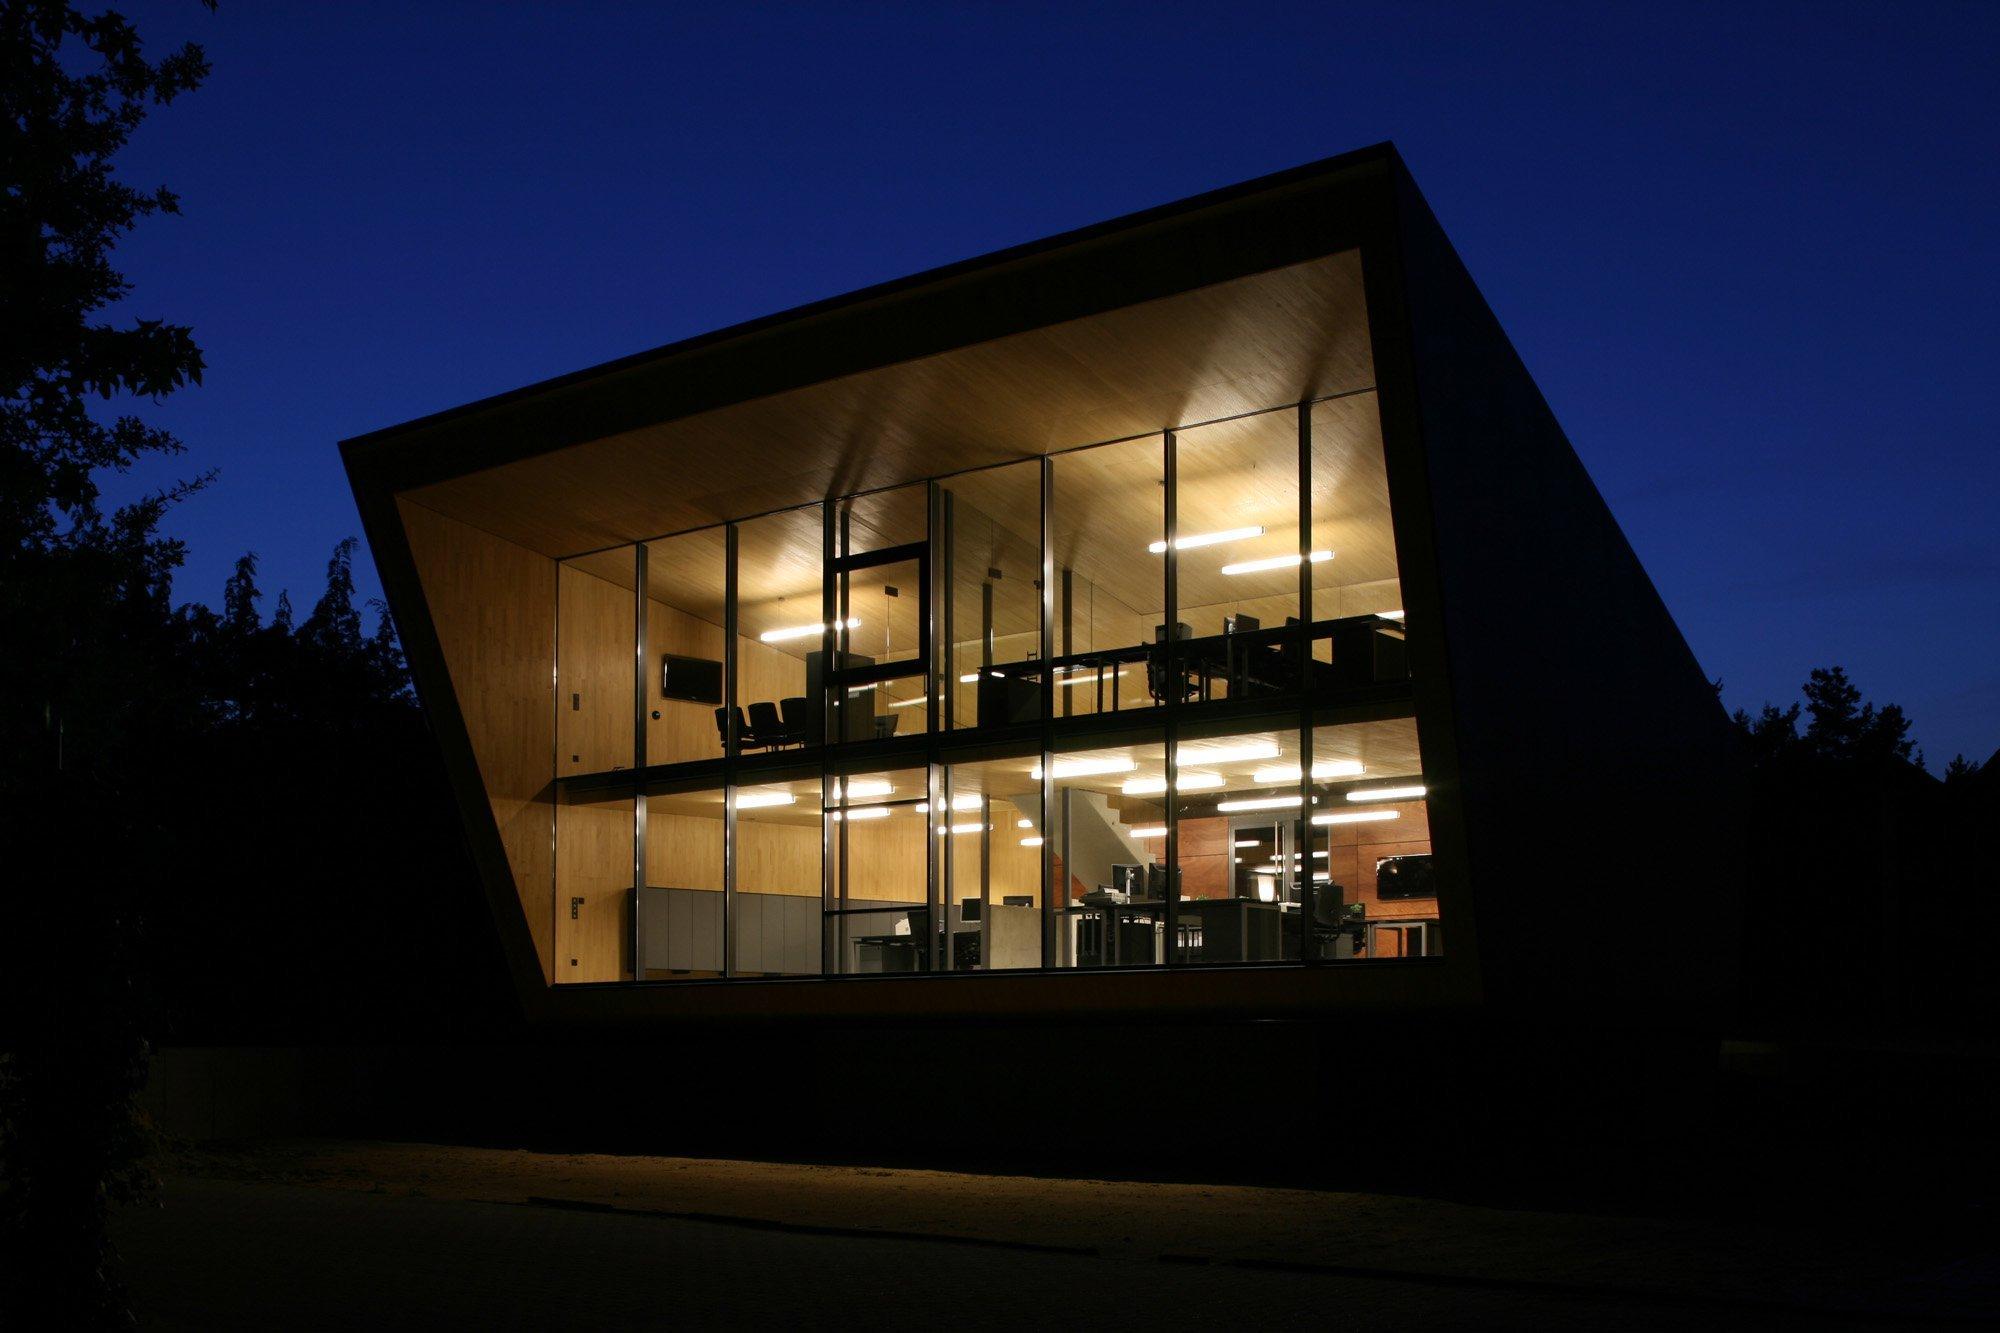 Gallery of interview krogmann headquarters despang architekten 28 - Despang architekten ...